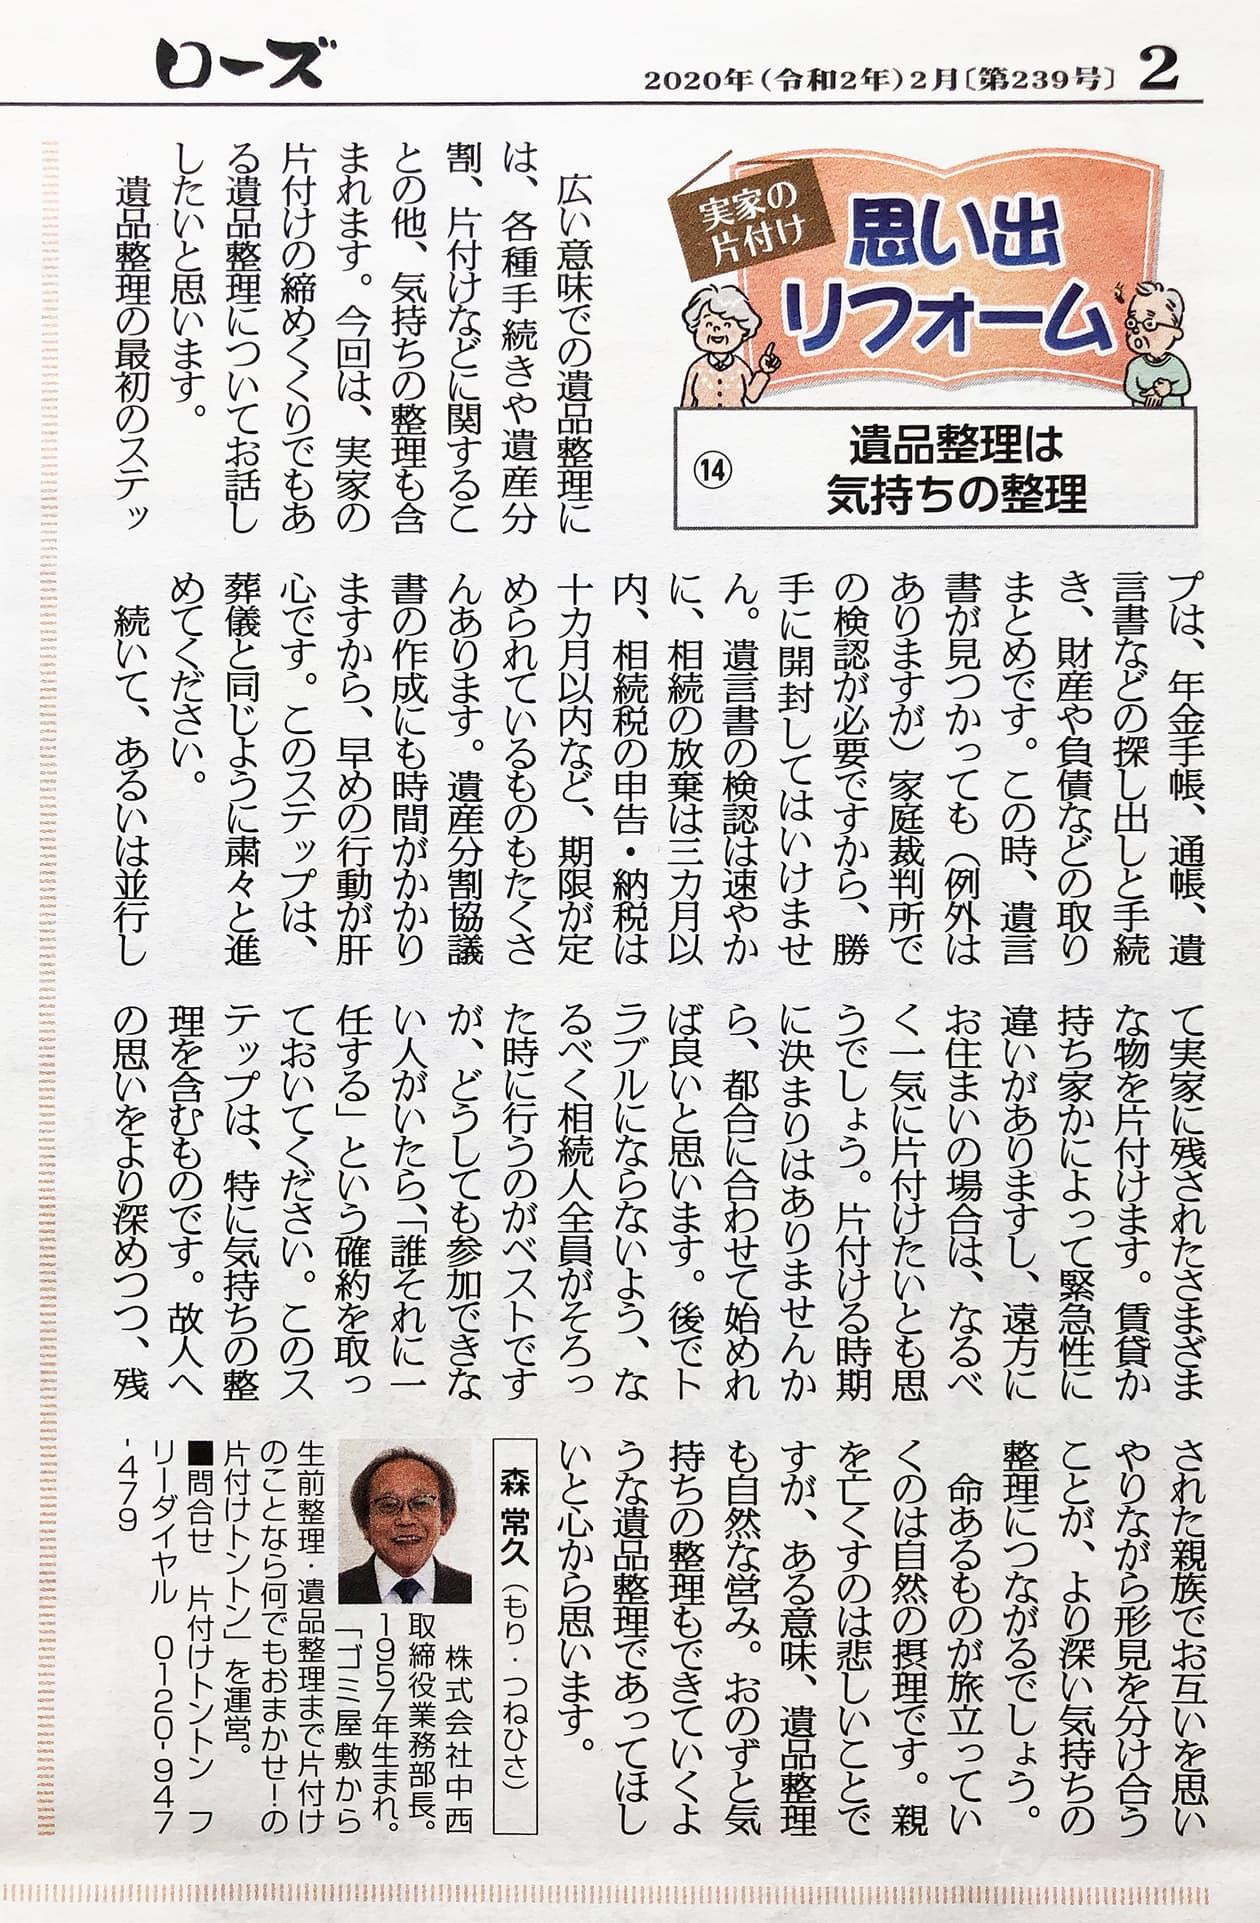 中日新聞朝刊折込 シニア情報紙『ローズ』2020年2月号の写真